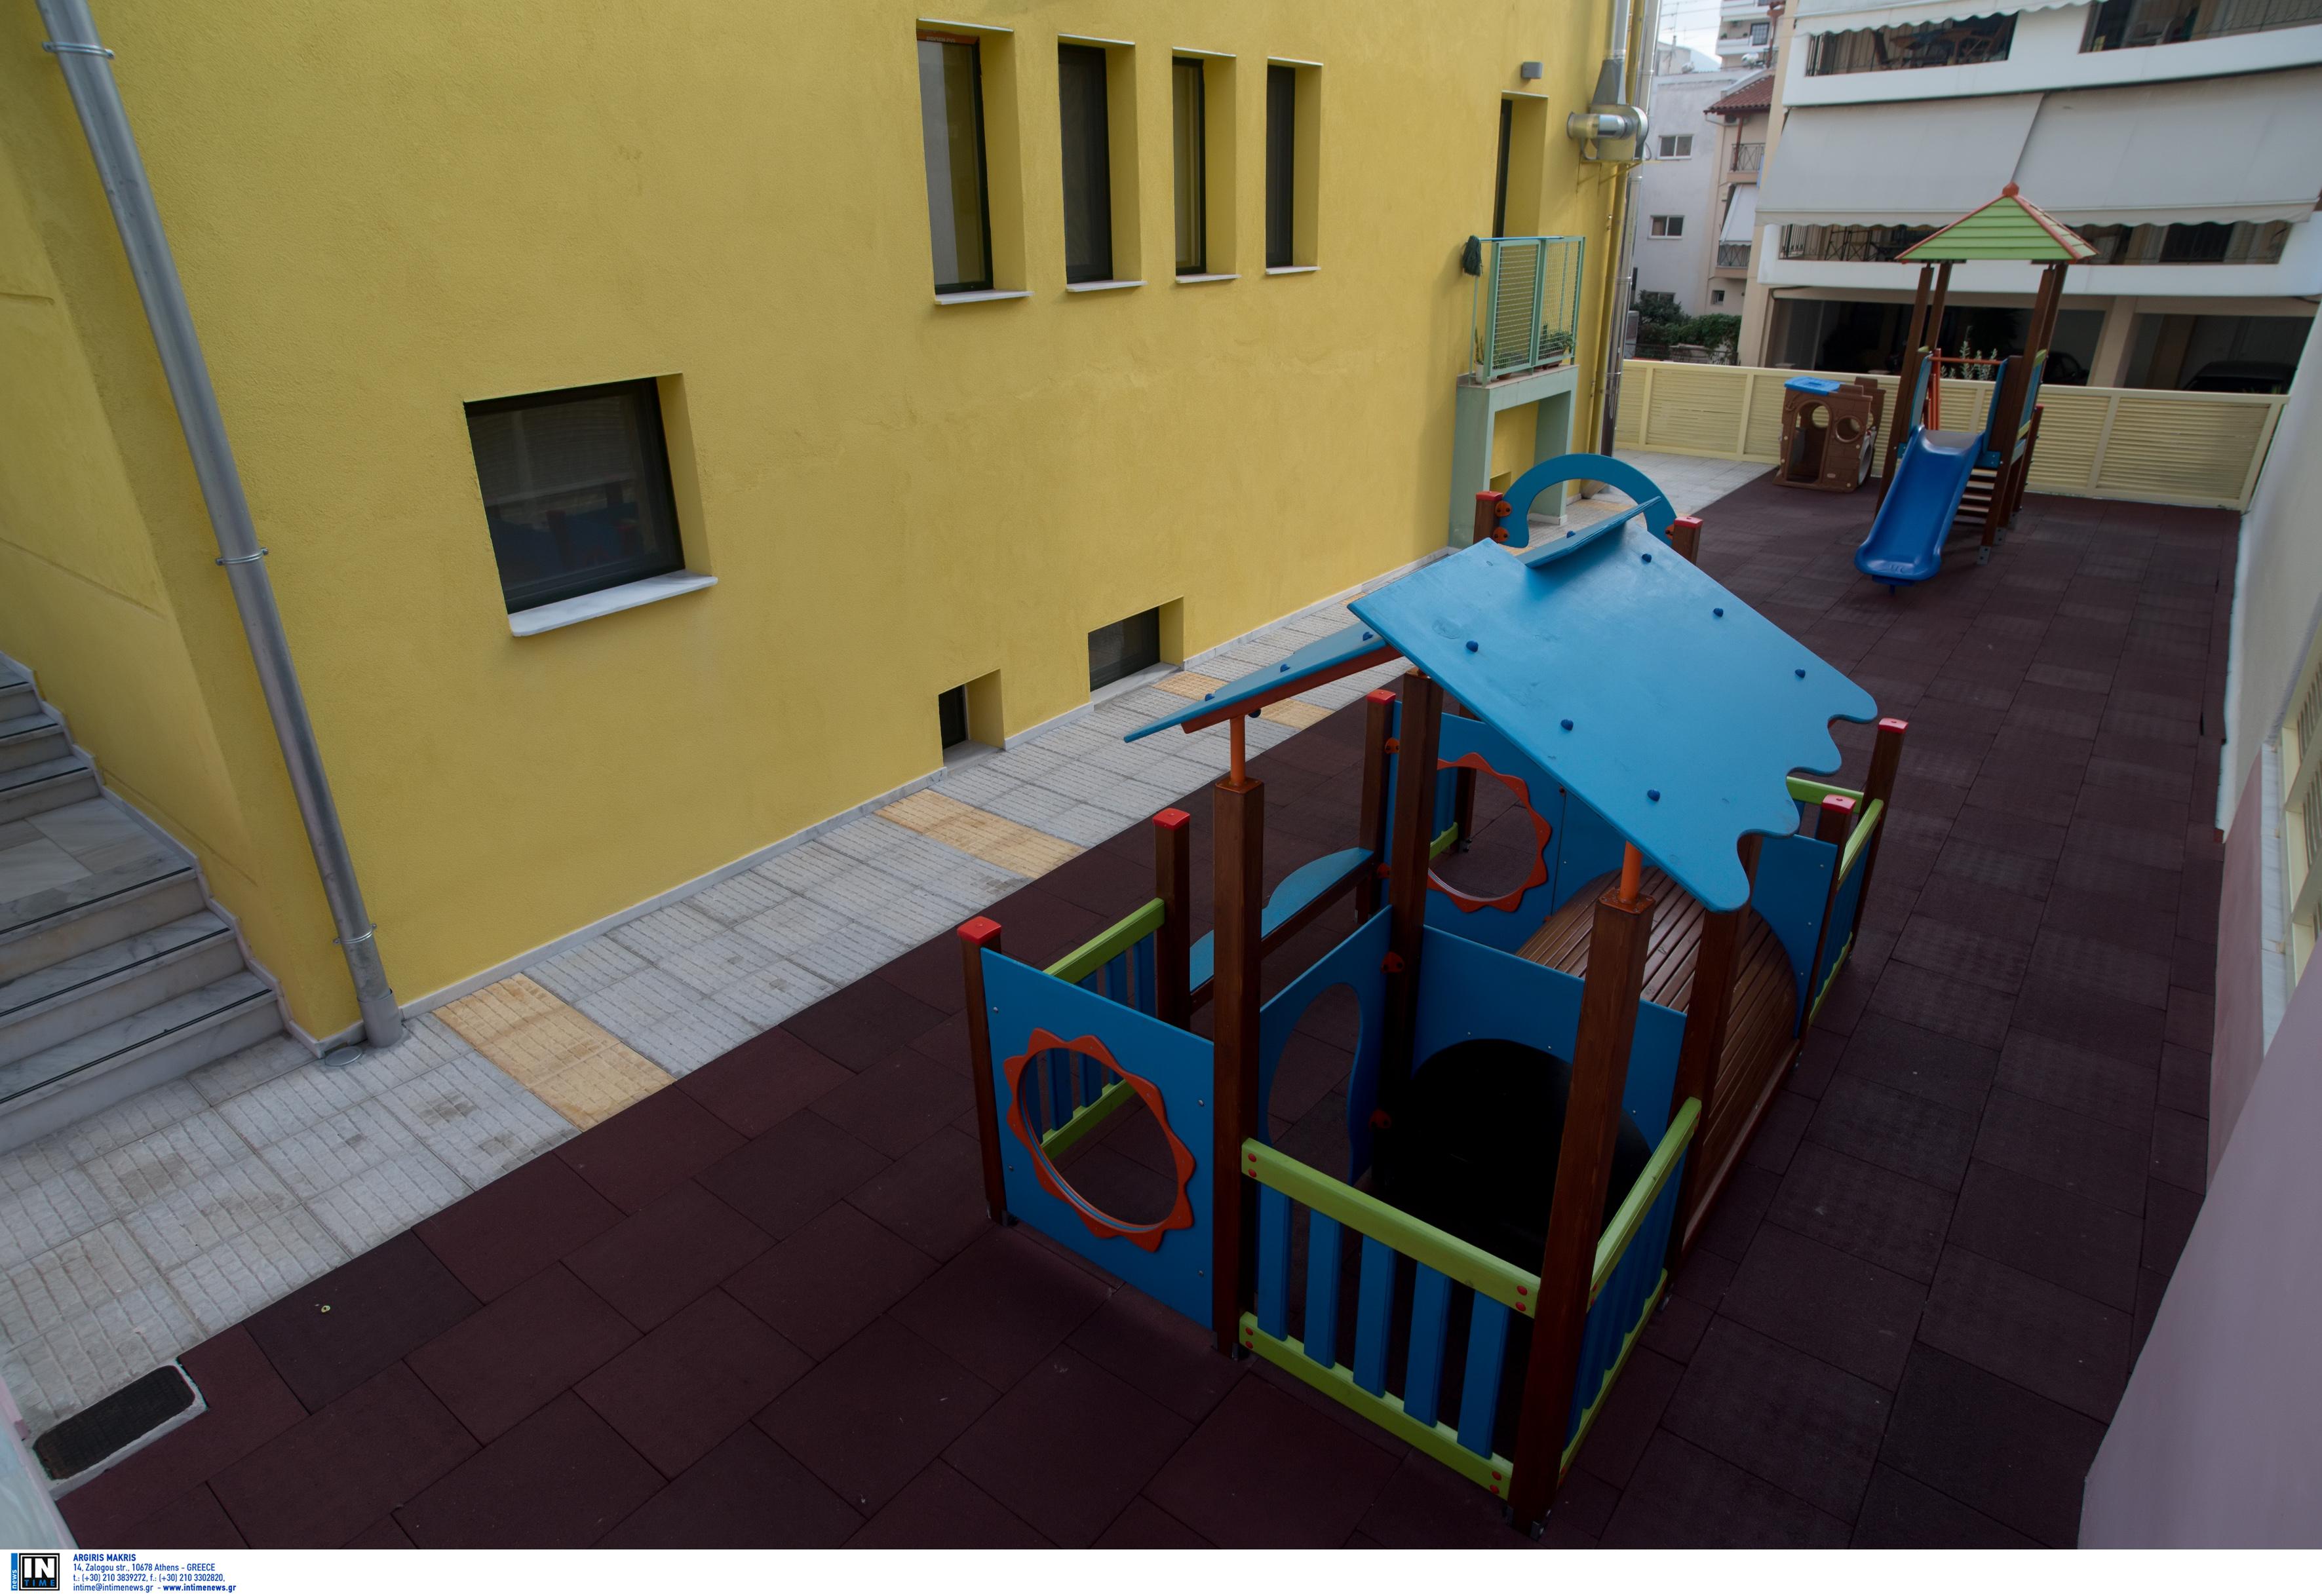 Σοκ! Παιδί δυόμιση ετών πέθανε από πνιγμό σε παιδικό σταθμό